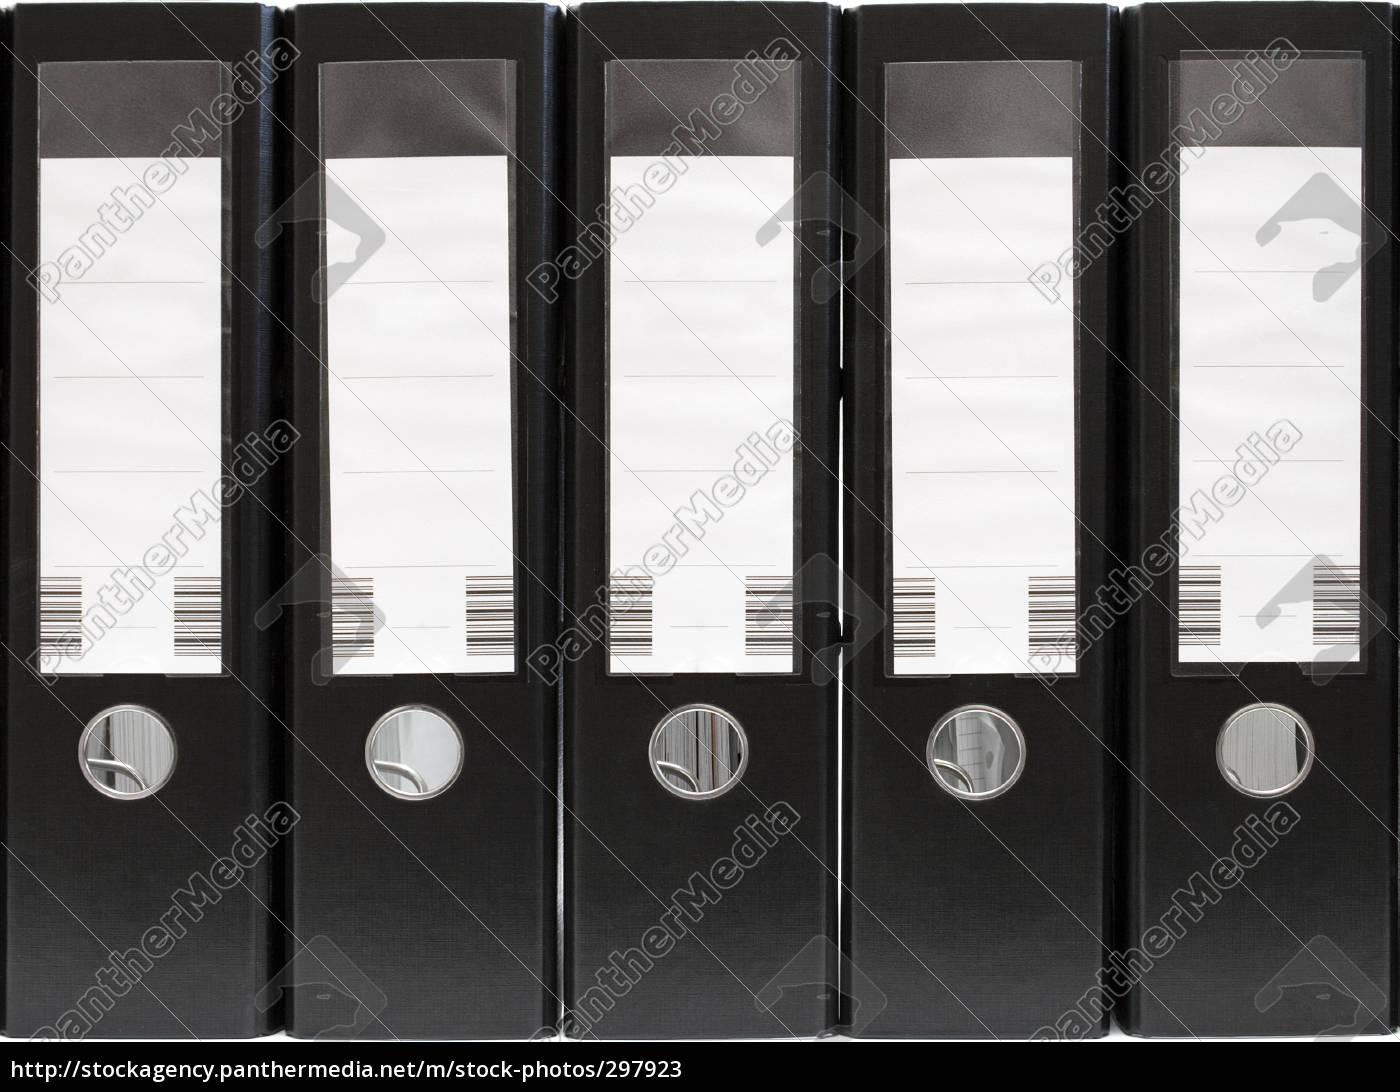 file, cabinet - 297923